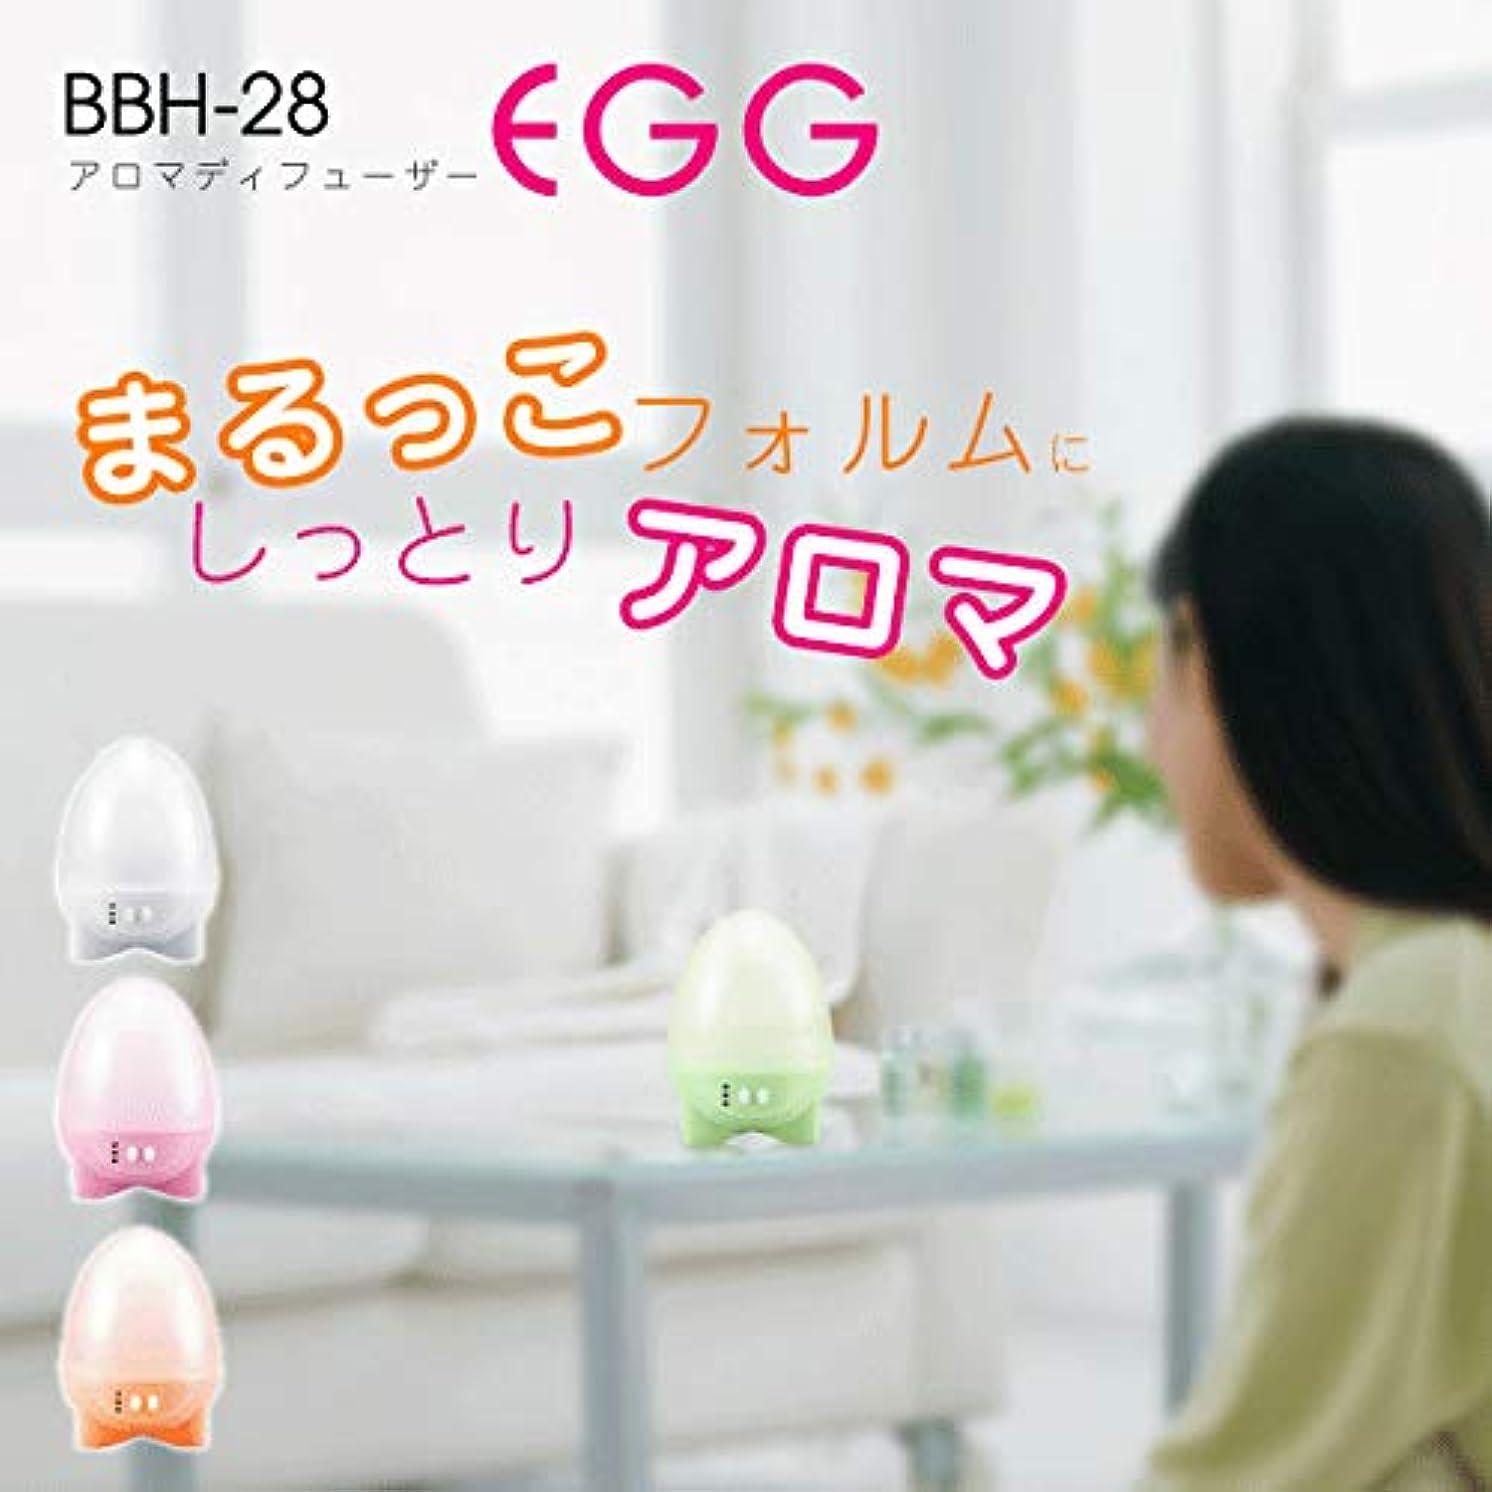 ポインタレギュラー元気PRISMATE(プリズメイト)アロマディフューザー Egg BBH-28 [在庫有]